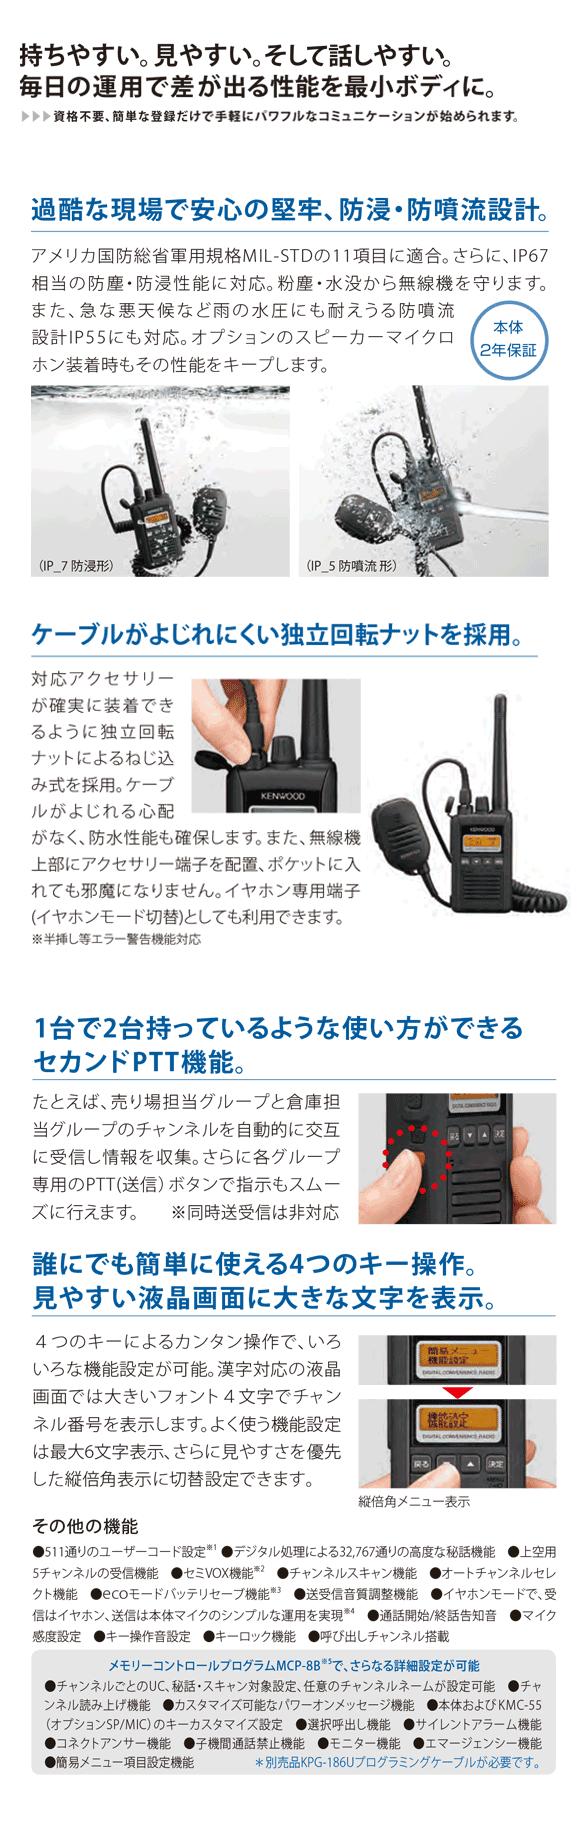 TPZ-D553SCH